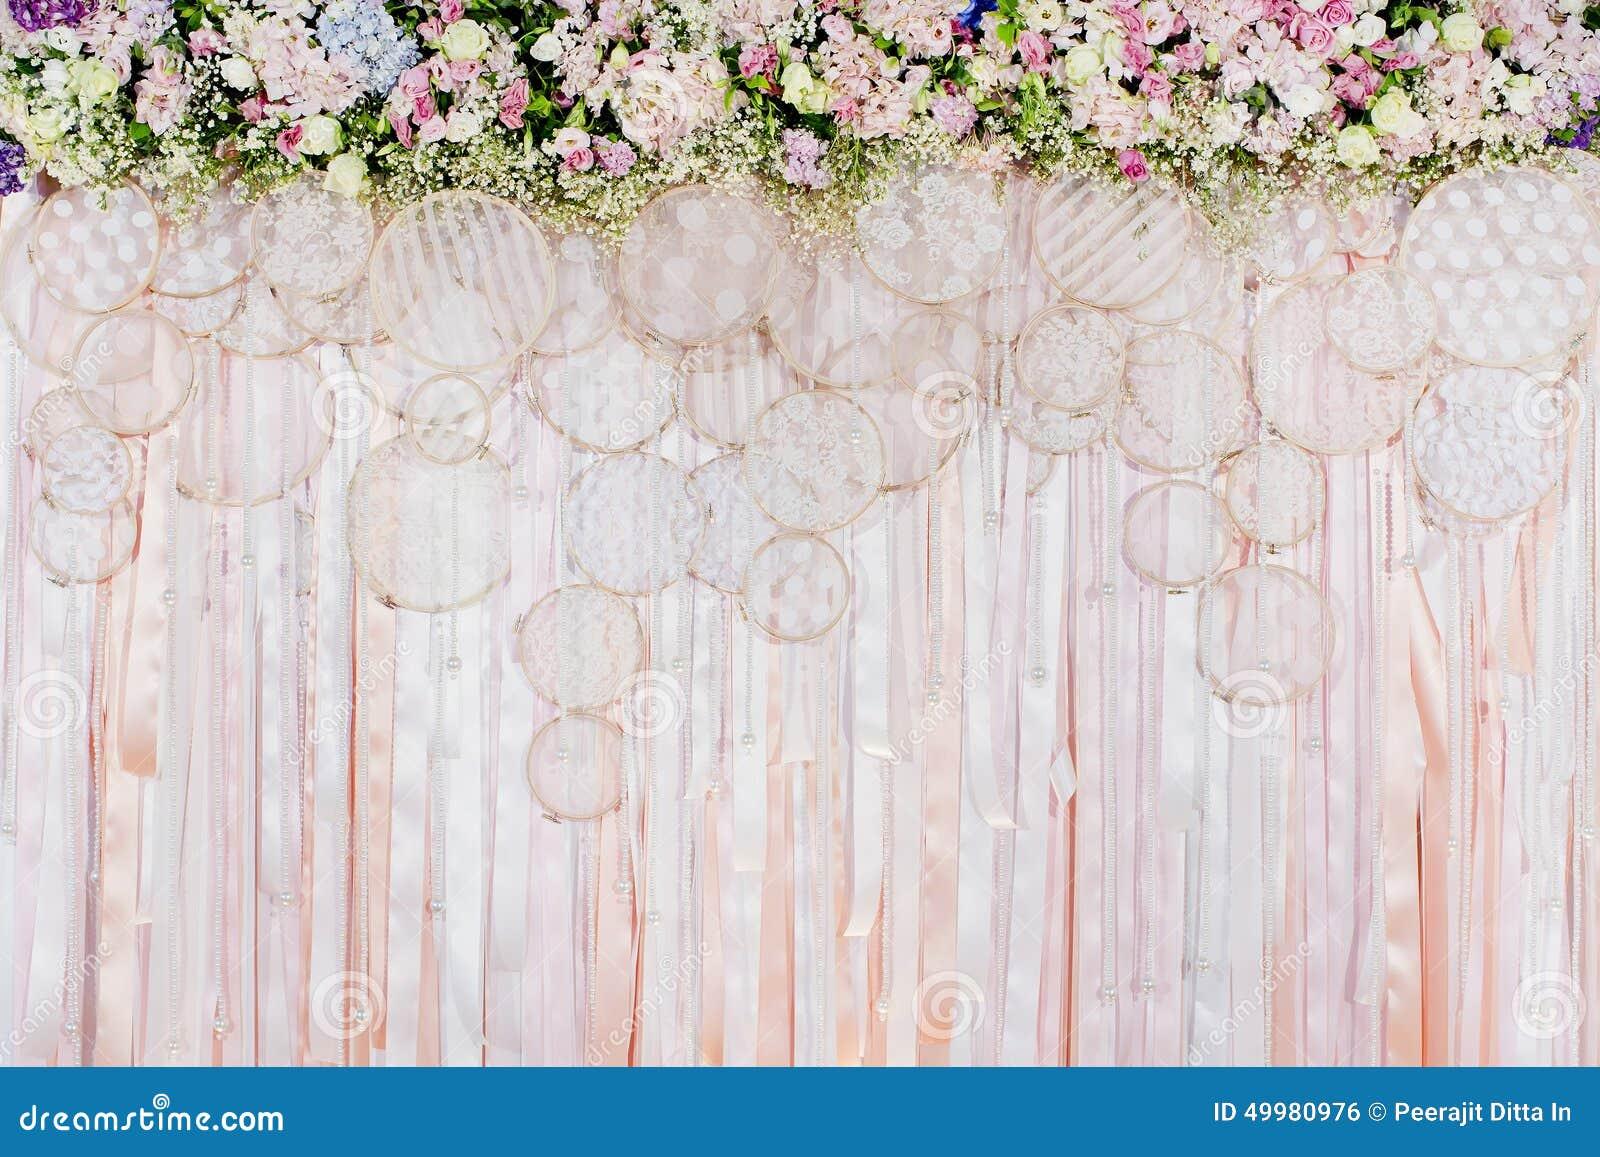 wedding background stock photography - photo #21